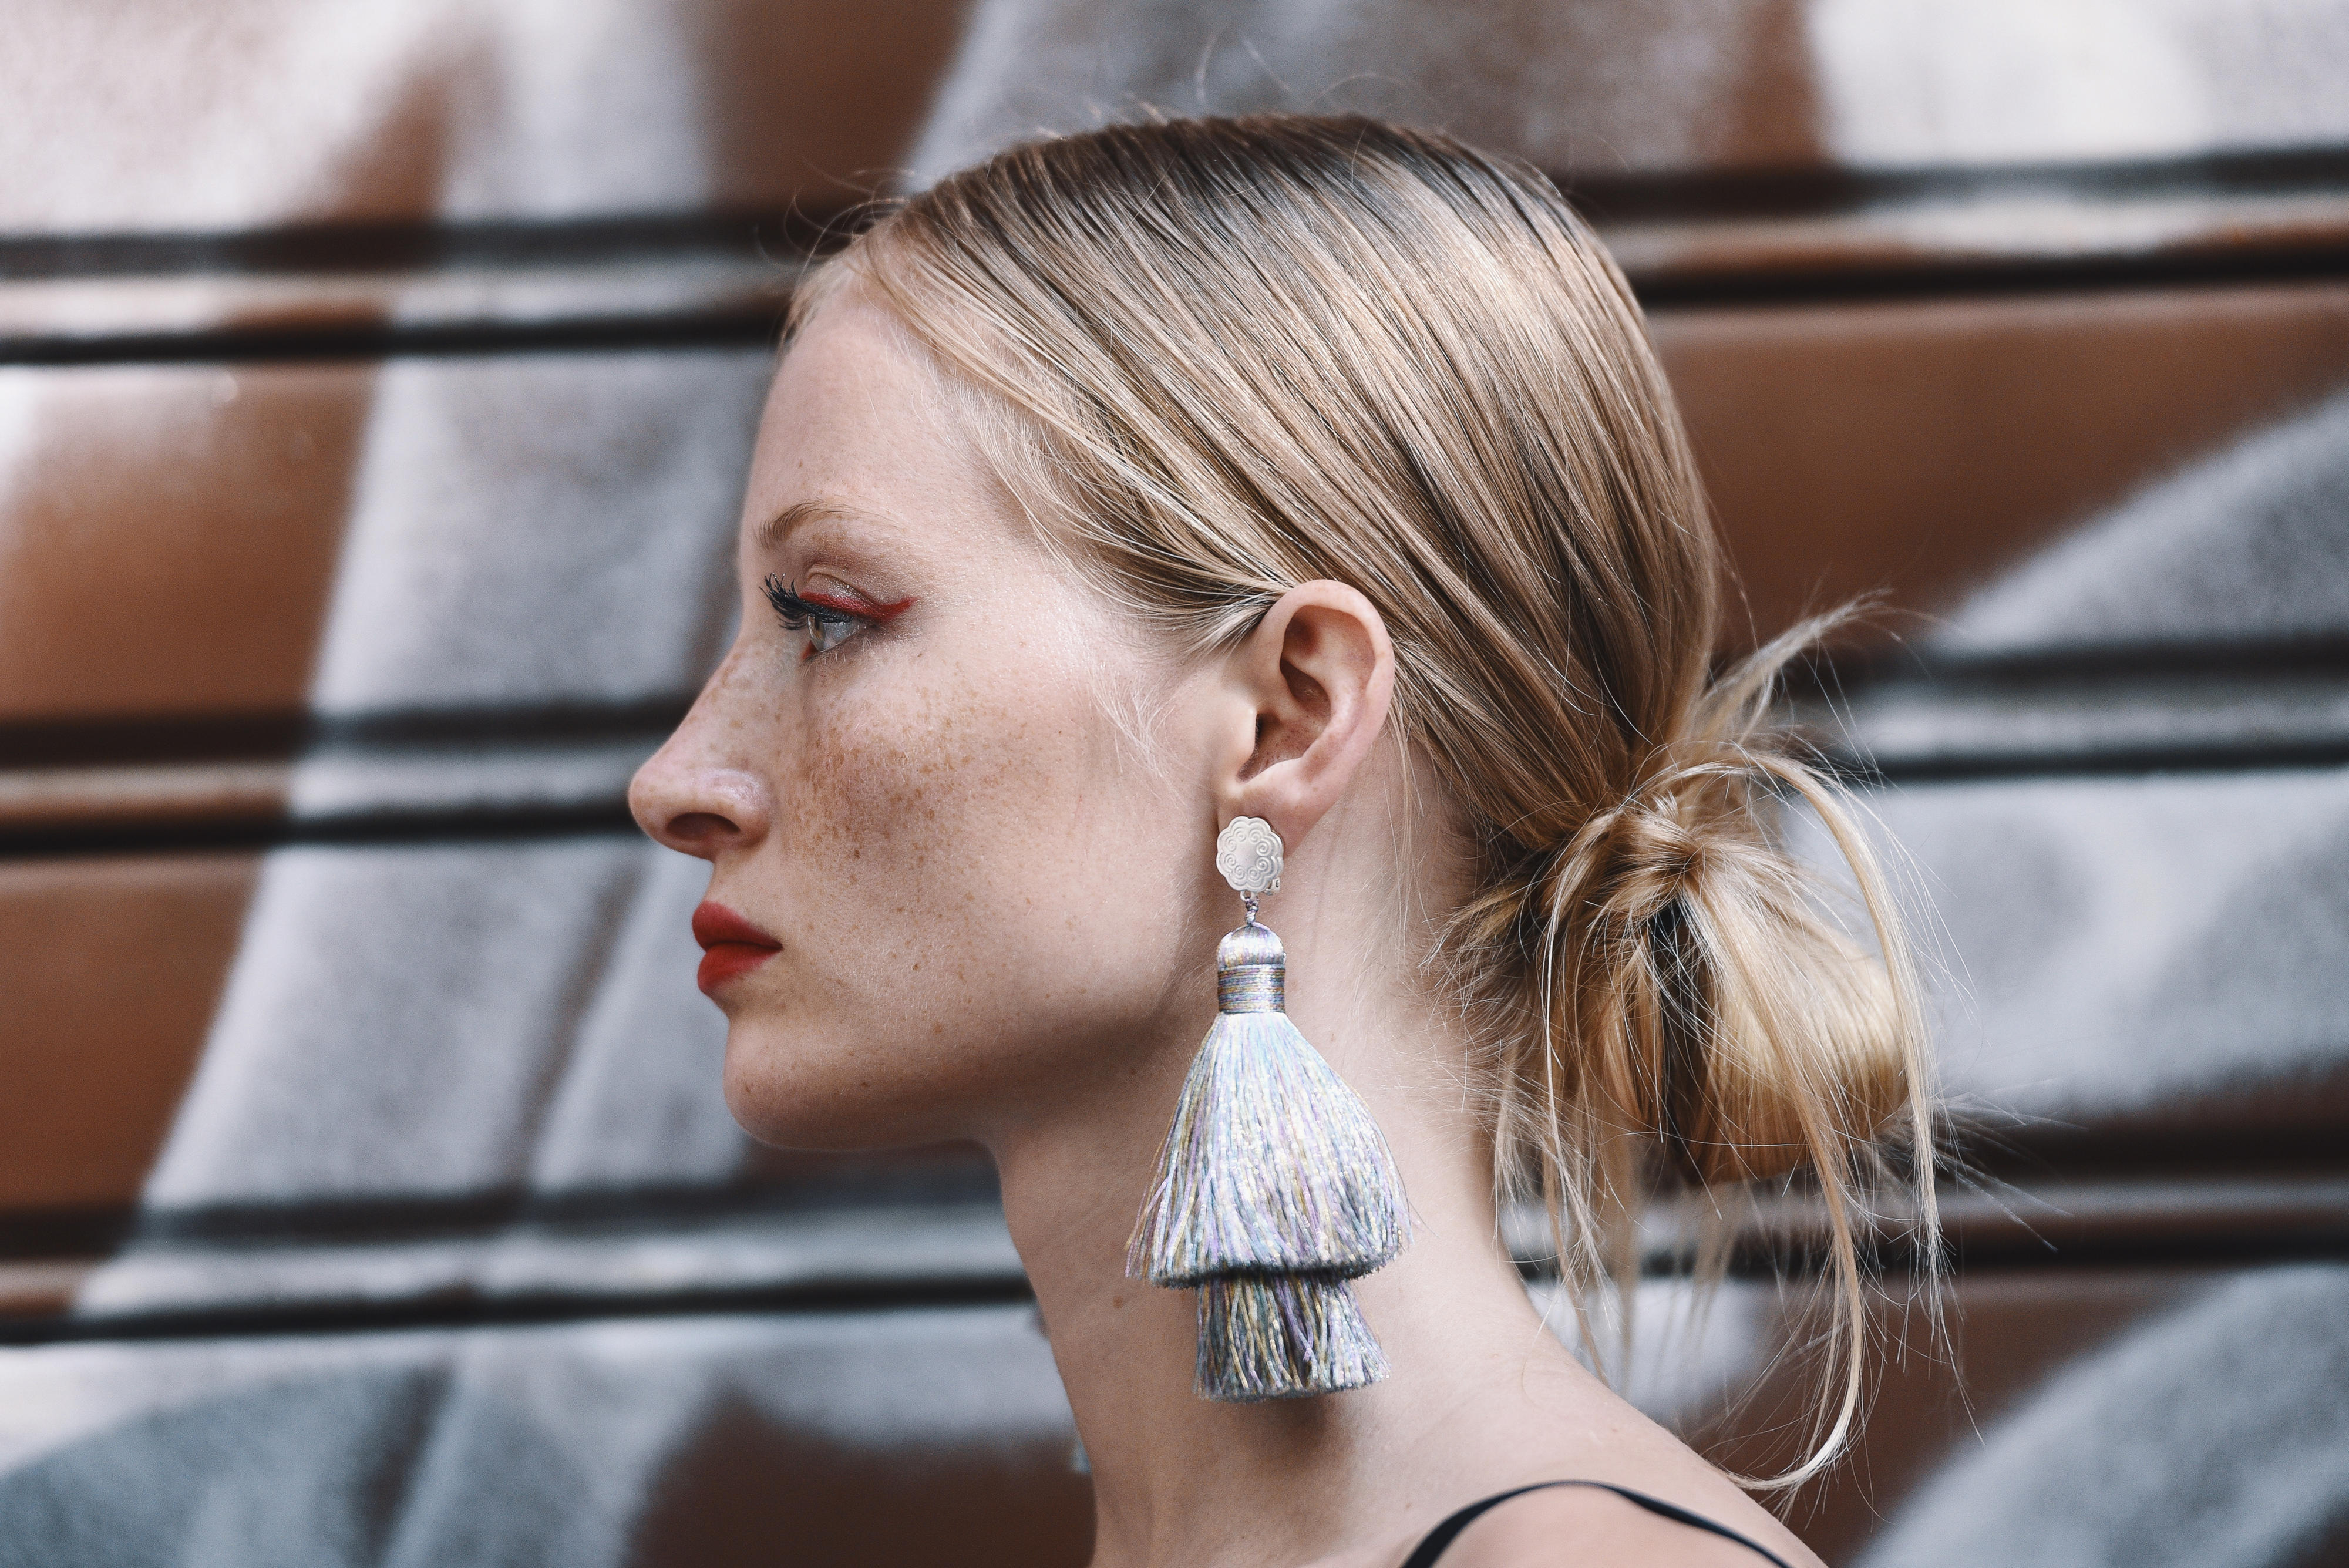 Dutt-Frisuren: Looks für jede Gelegenheit